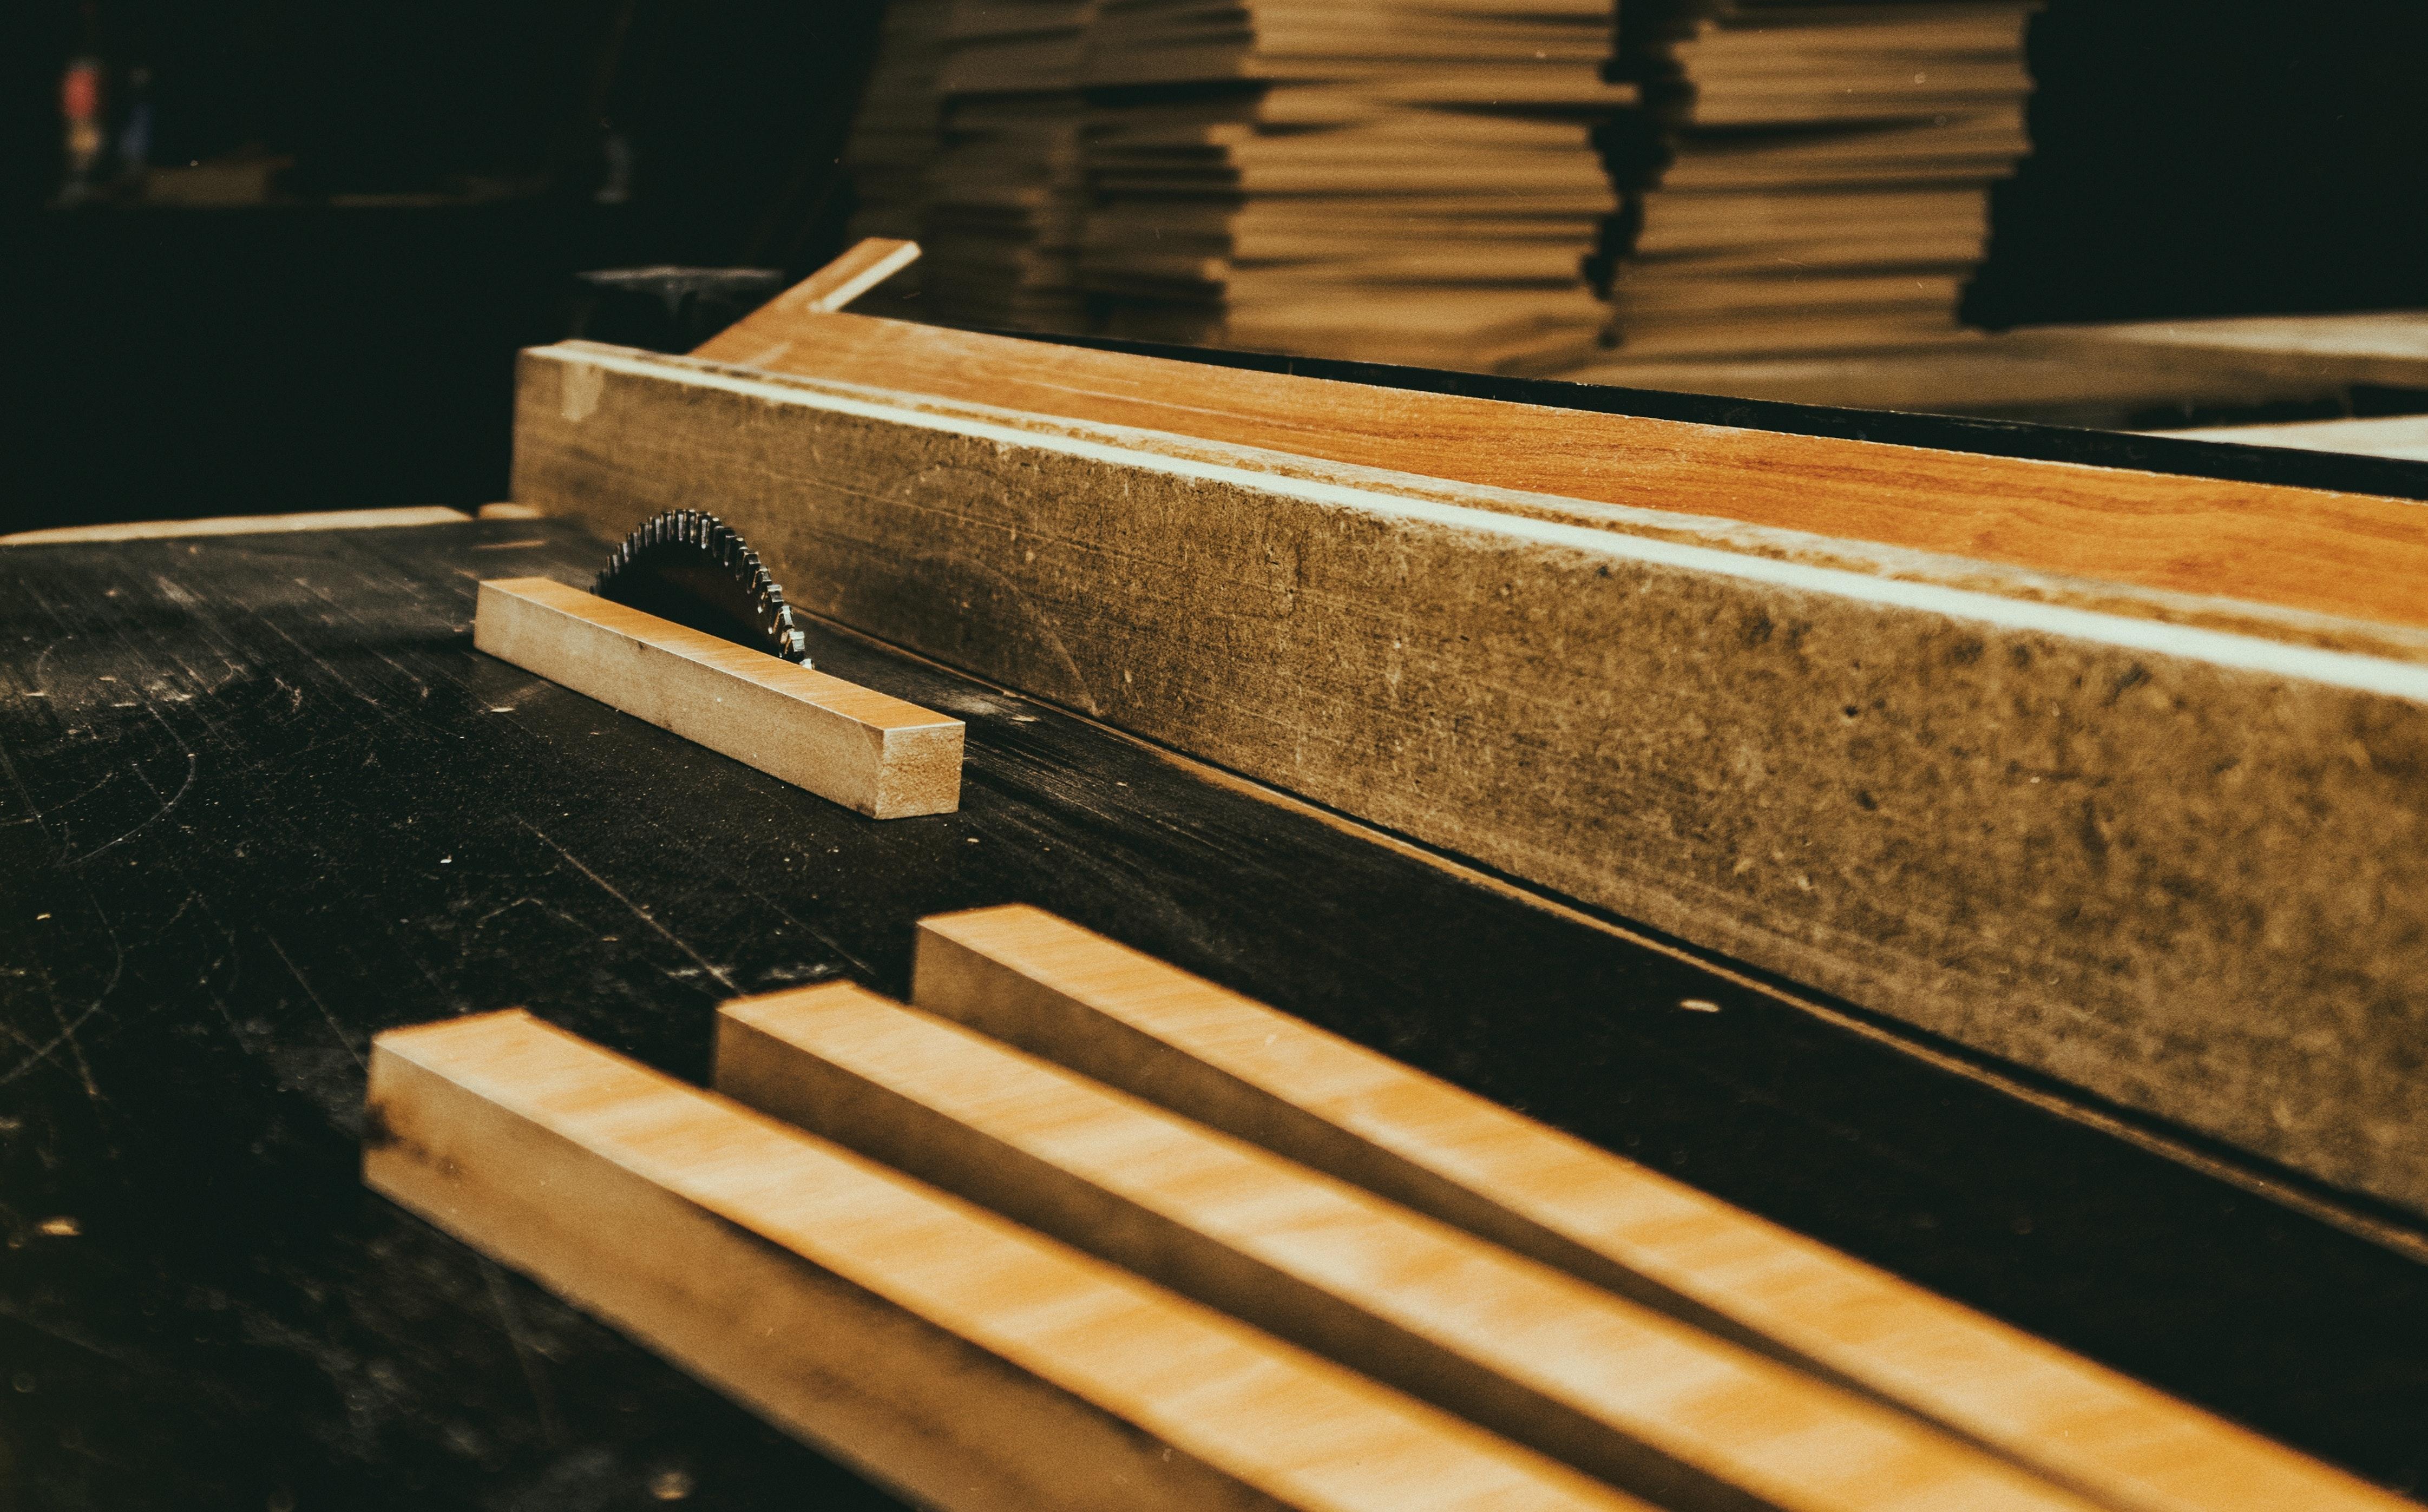 Kostenloses Foto Zum Thema: Holz, Schneiden Von Holz